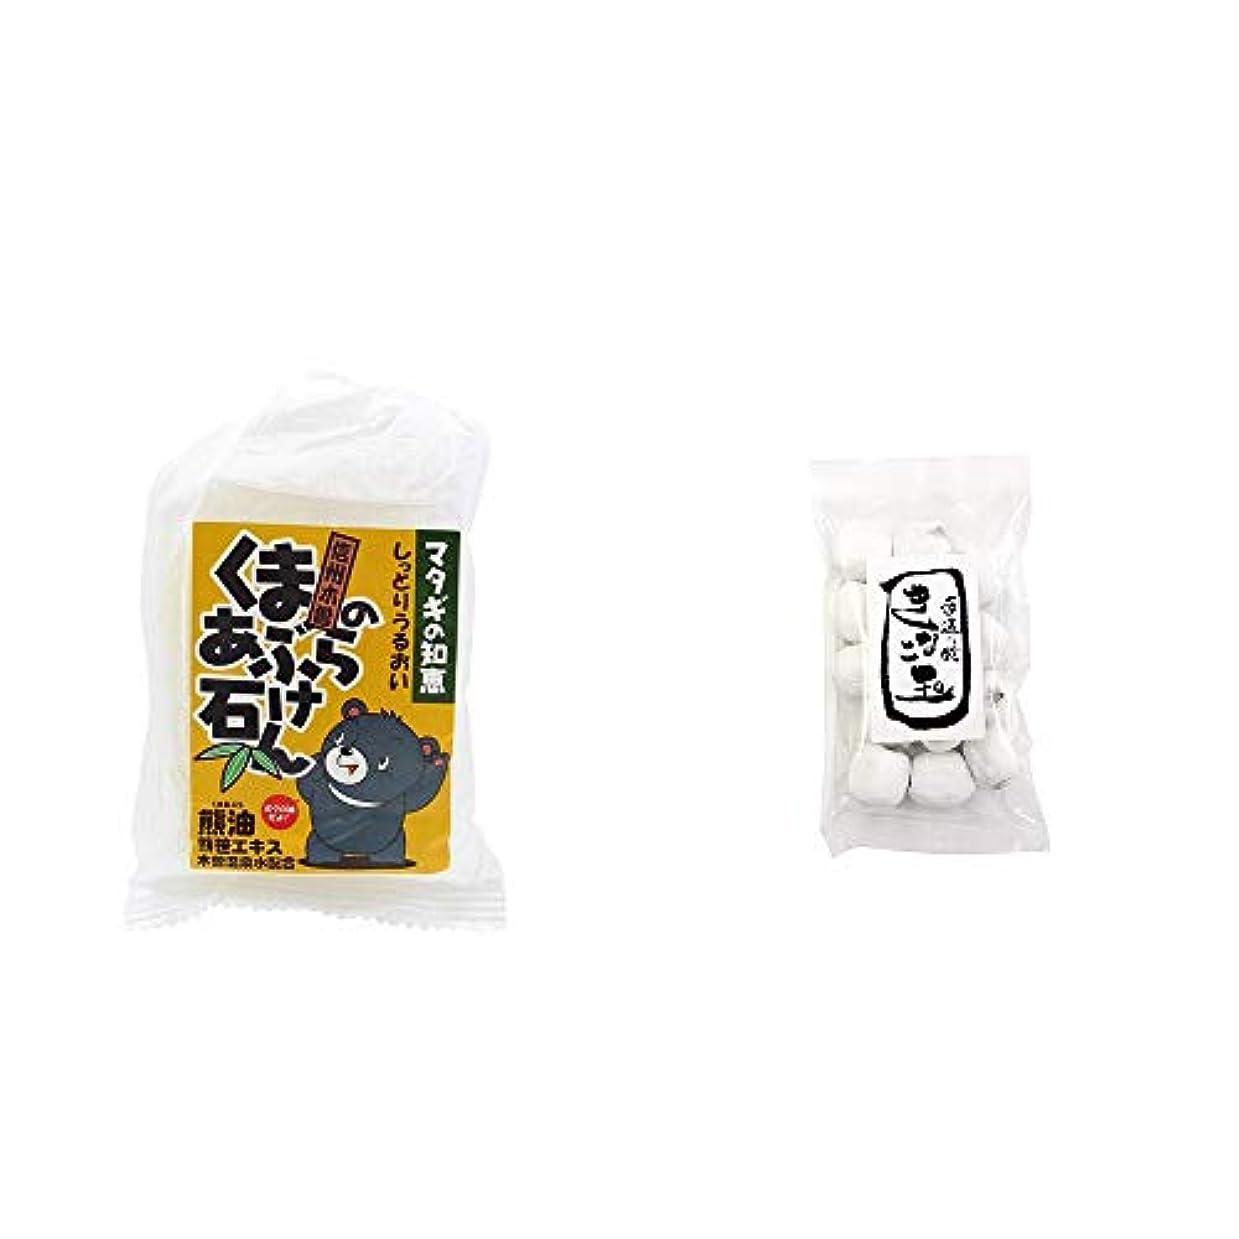 関係隙間レシピ[2点セット] 信州木曽 くまのあぶら石けん(80g)?きなこ玉(160g)